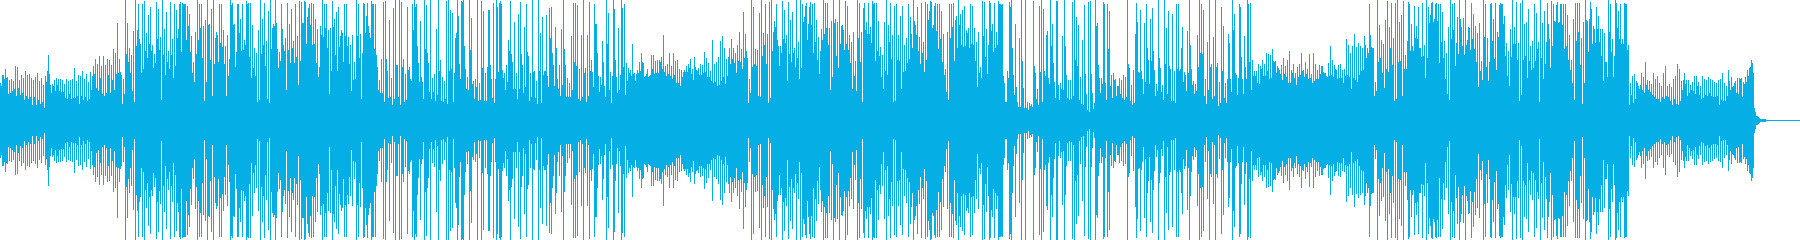 シリアスに迫ってくる曲の再生済みの波形